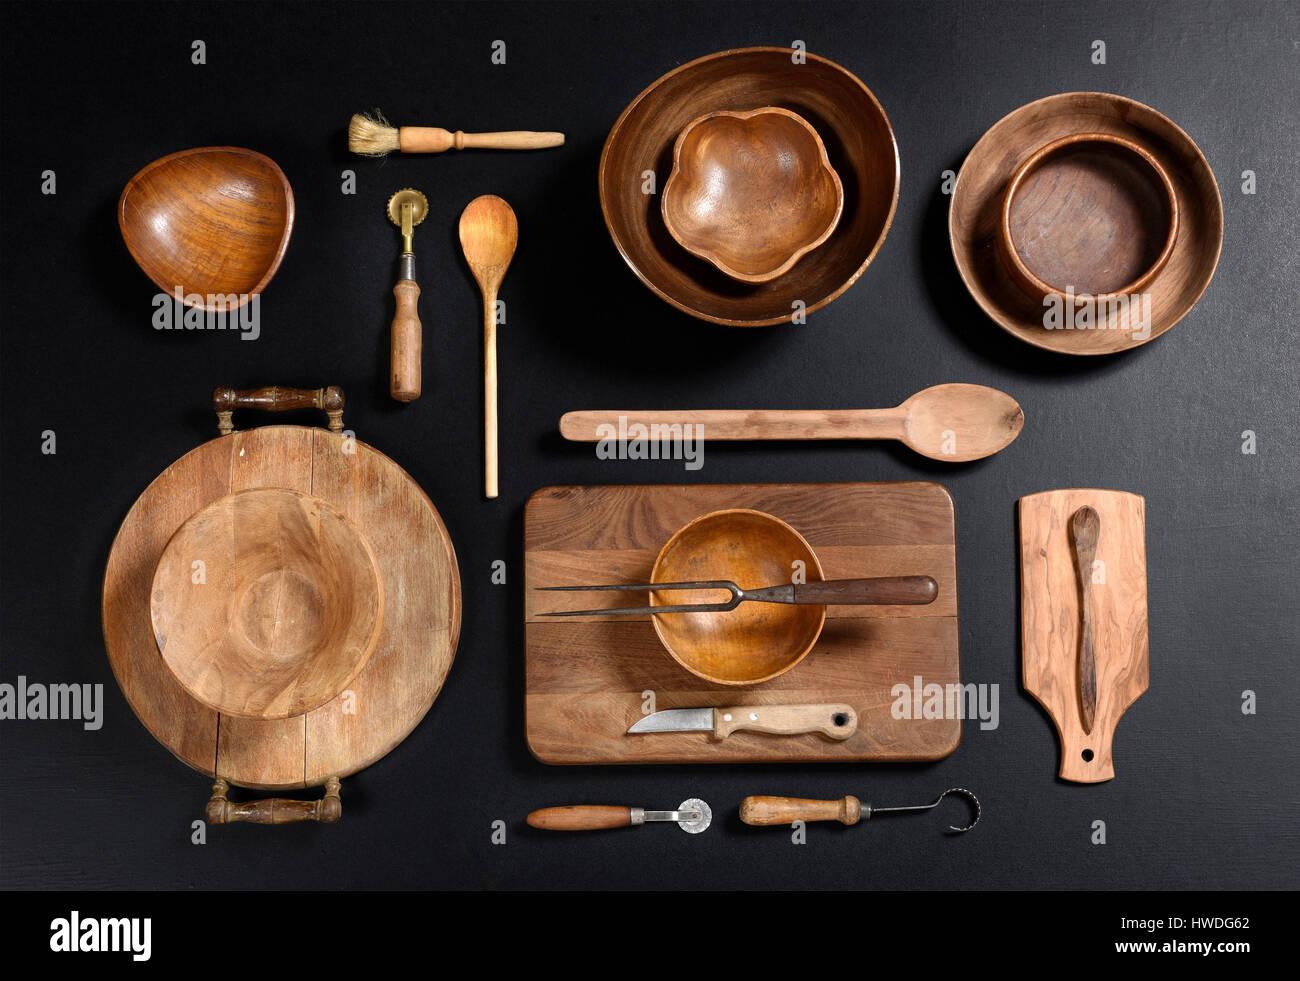 Bomboniere utensili da cucina organizzazione matrimonio